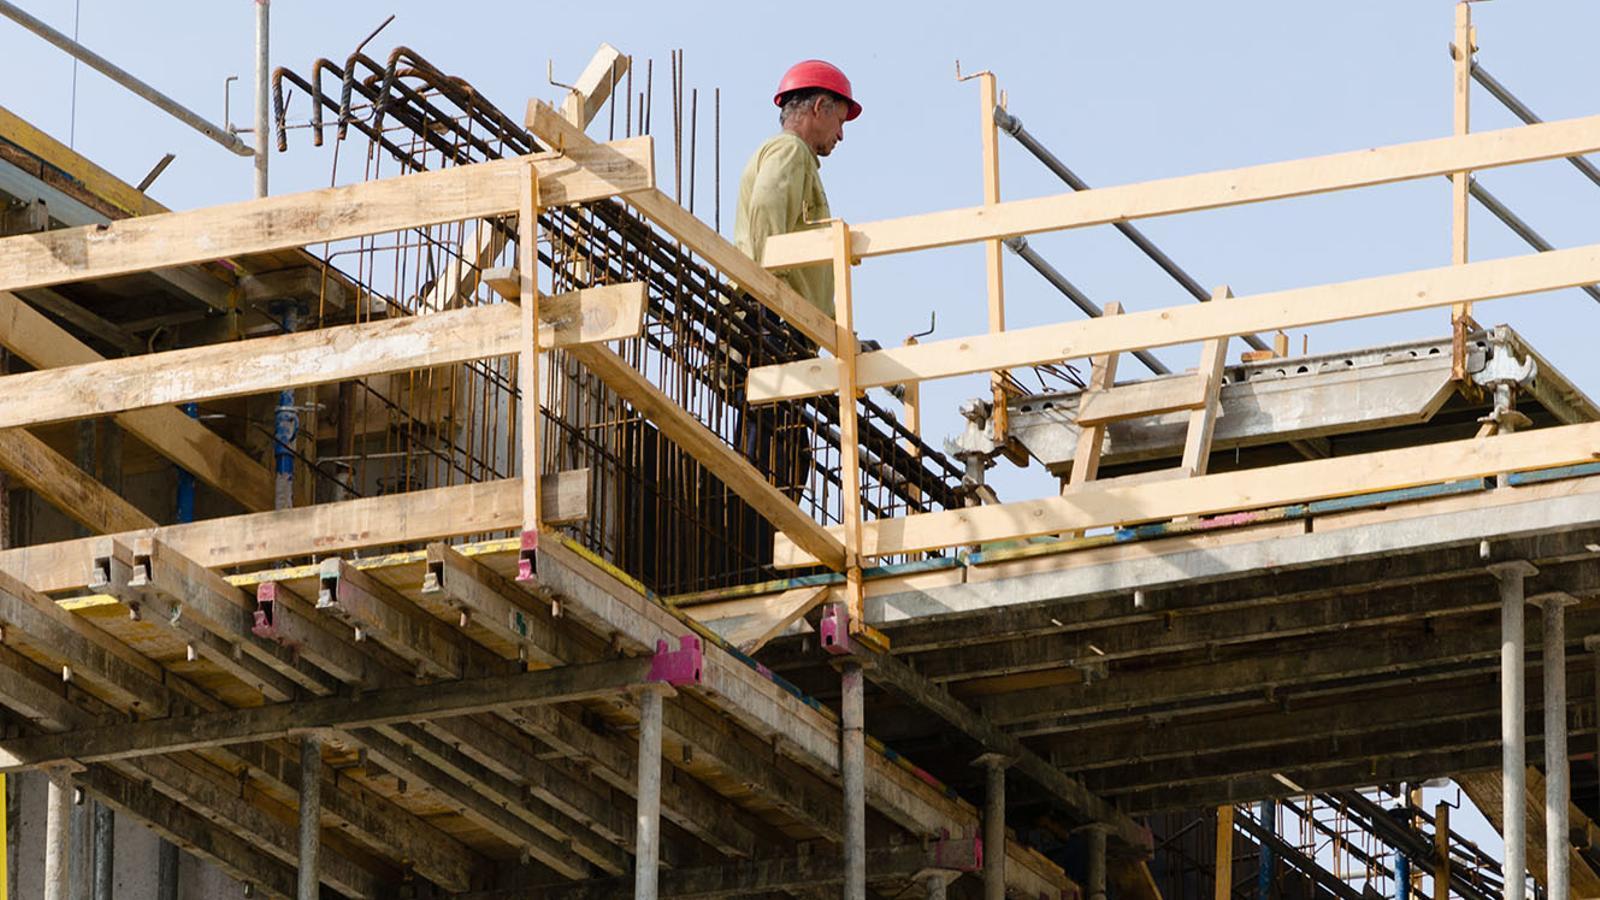 La construcció és un dels sectors que ha experimentat més creixement en el PIB. / ARXIU ANA